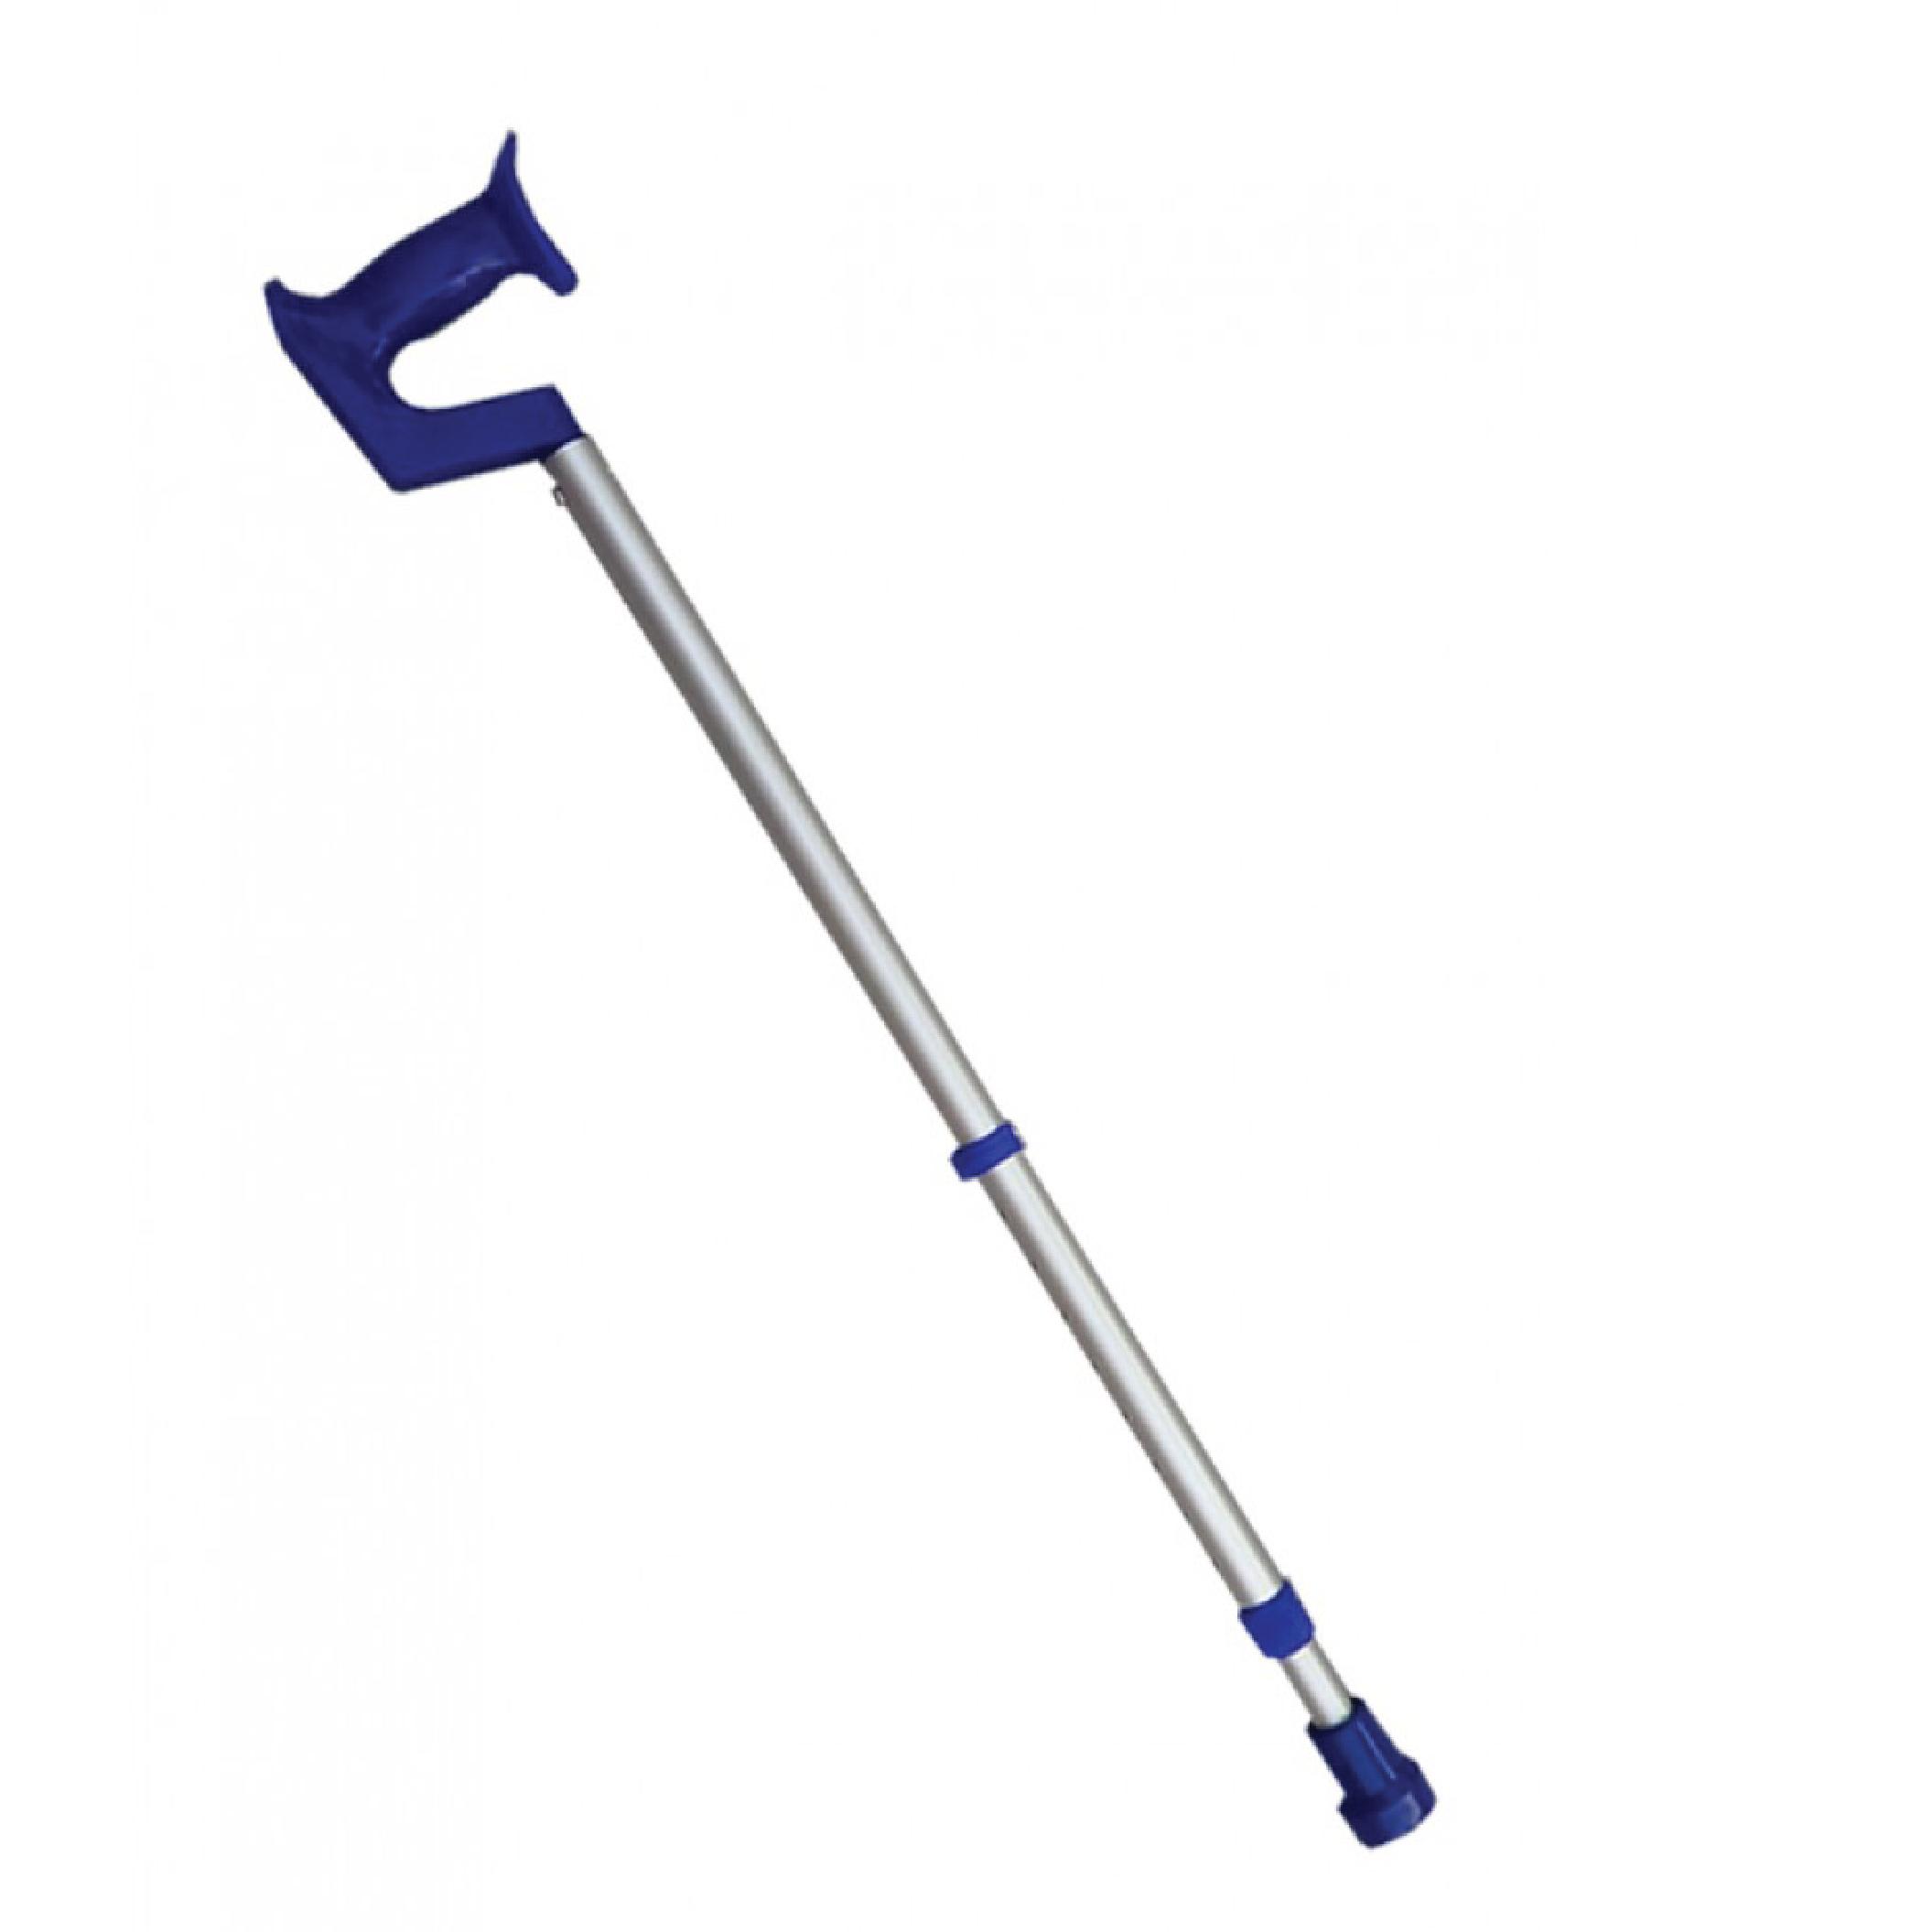 Swan-neck crutch stick -dealers in-Bangalore